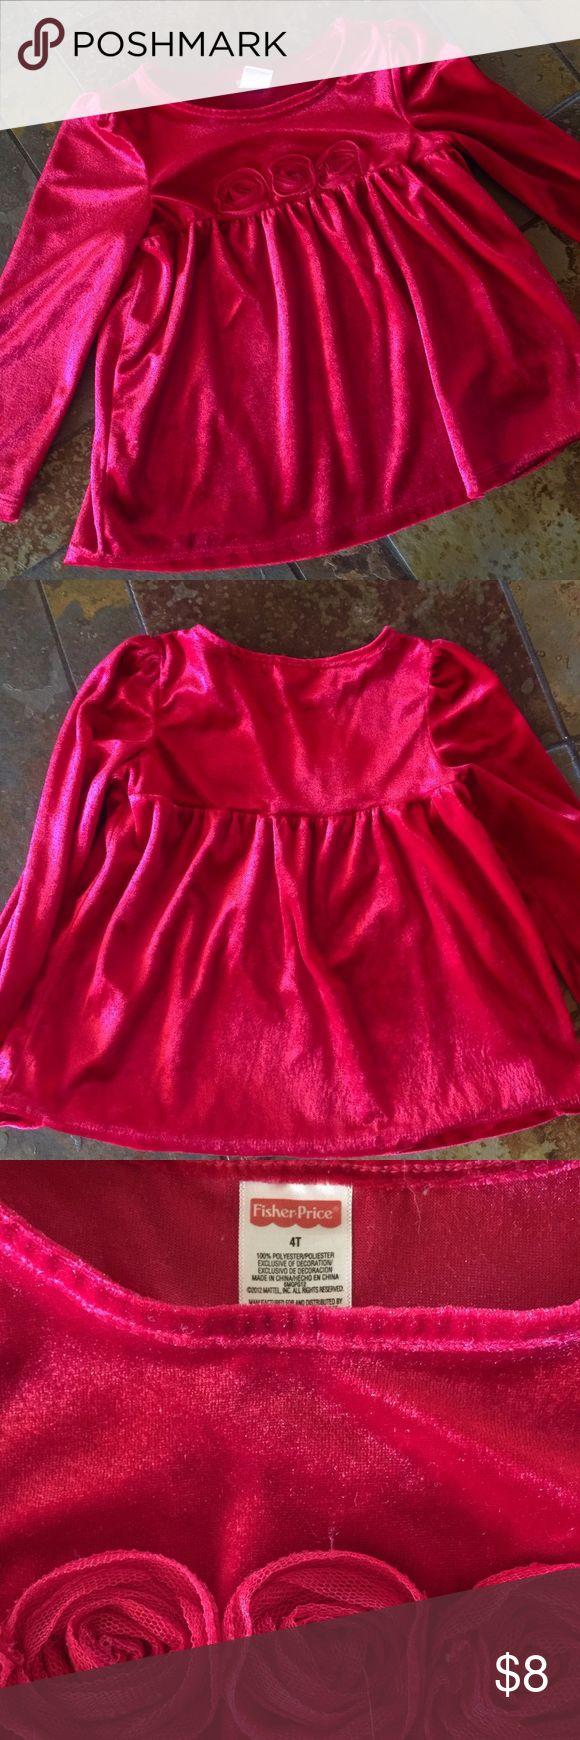 Red Velvet plush girls long sleeve top Girls blouse in soft velvet feel red. Long sleeve top. Fisher Price Shirts & Tops Blouses